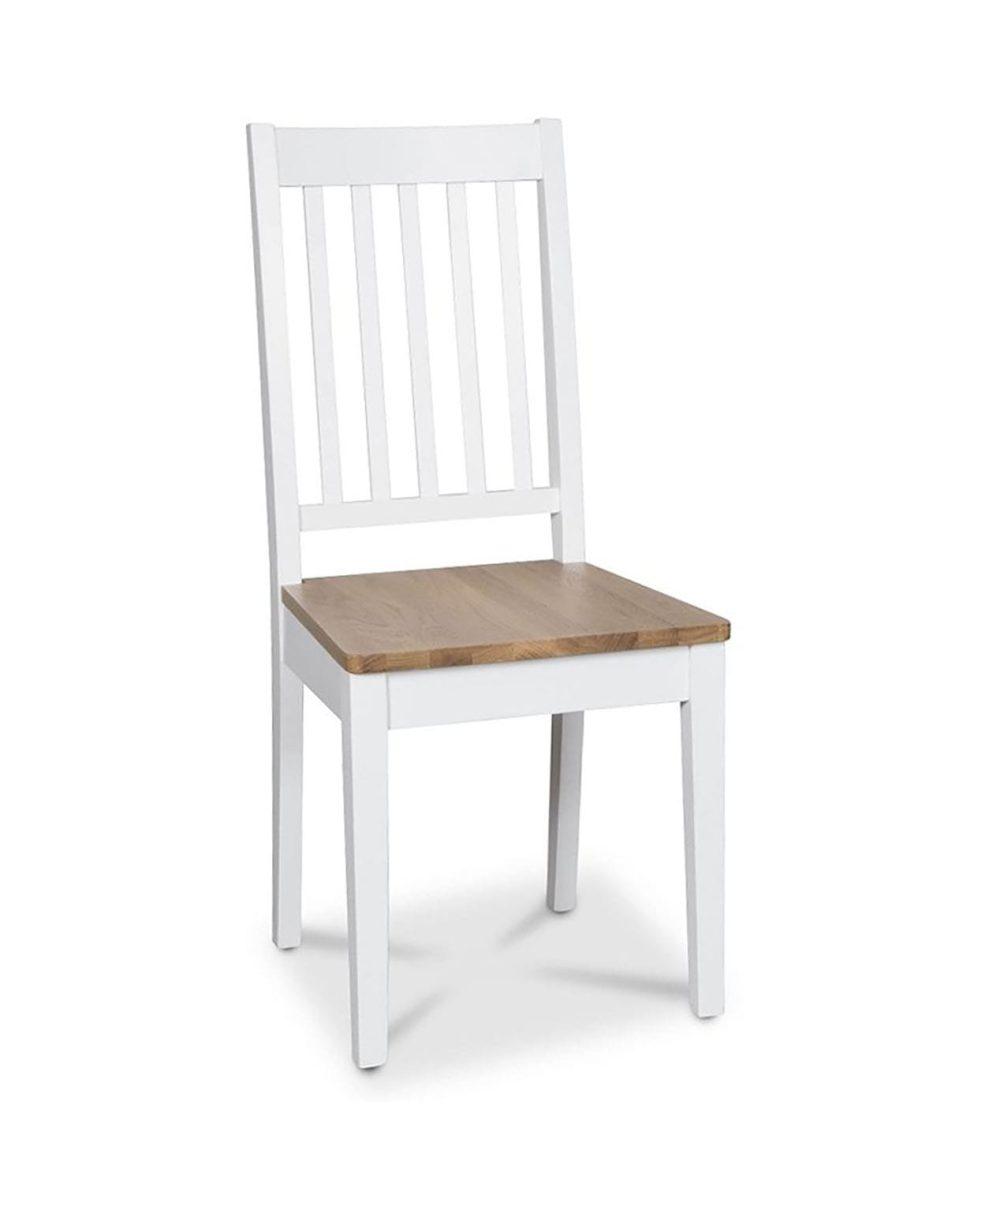 Osterlen Simris Chair